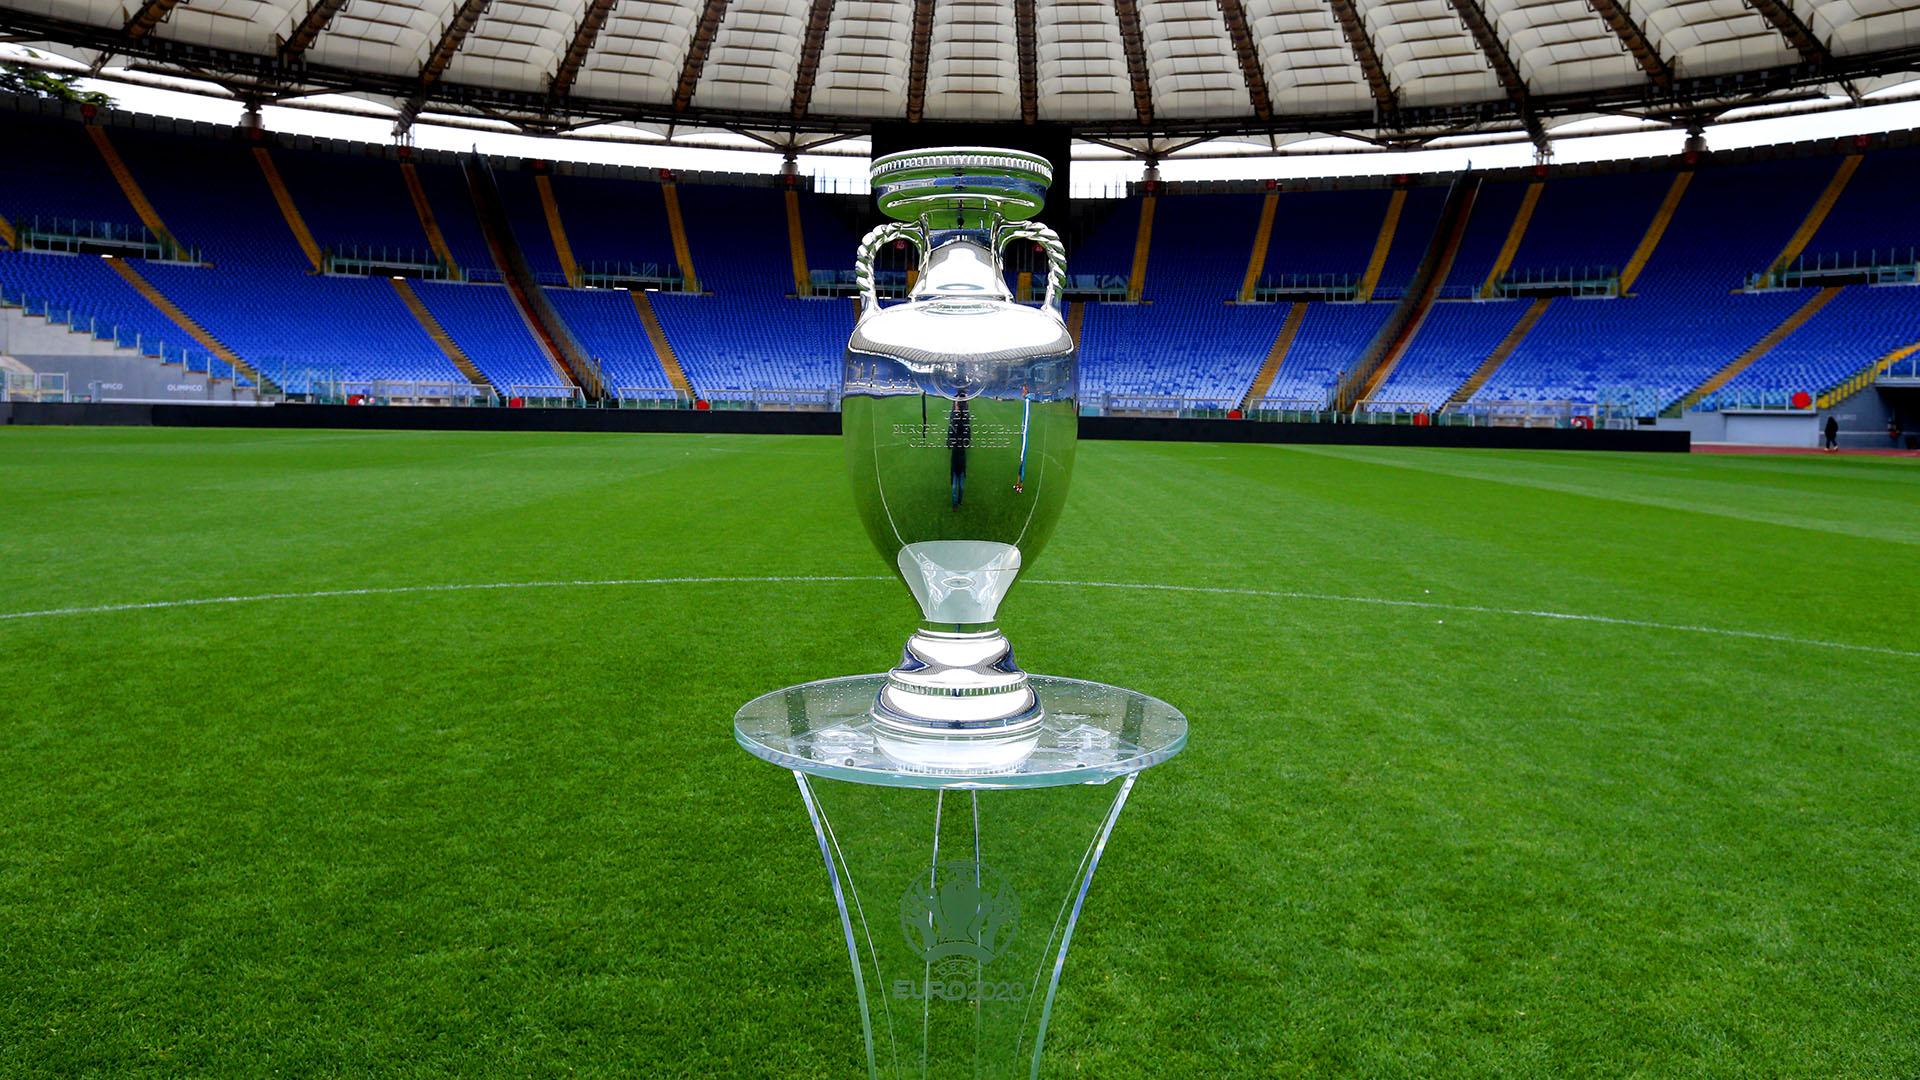 تفاصيل الجوائز المالية لمنتخبات بطولة اليورو 2020